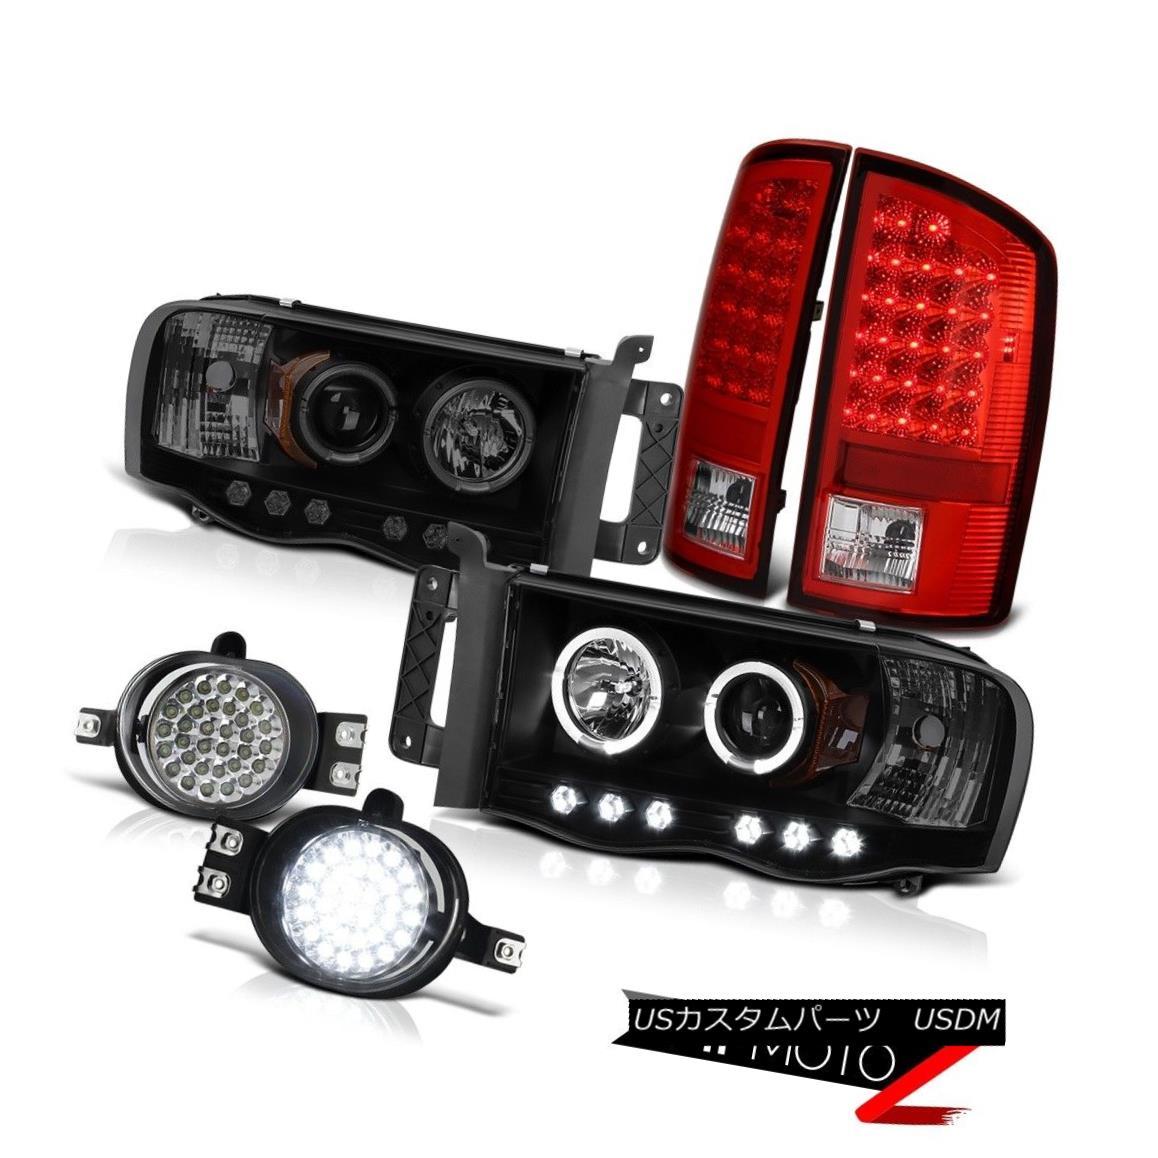 テールライト 2002 2003 Ram SRT-10 8.3L Laramie Headlights Halo LED Chrome Tail Lamps DRL Fog 2002 2003 Ram SRT-10 8.3LララミーヘッドライトHalo LEDクロームテールランプDRLフォグ